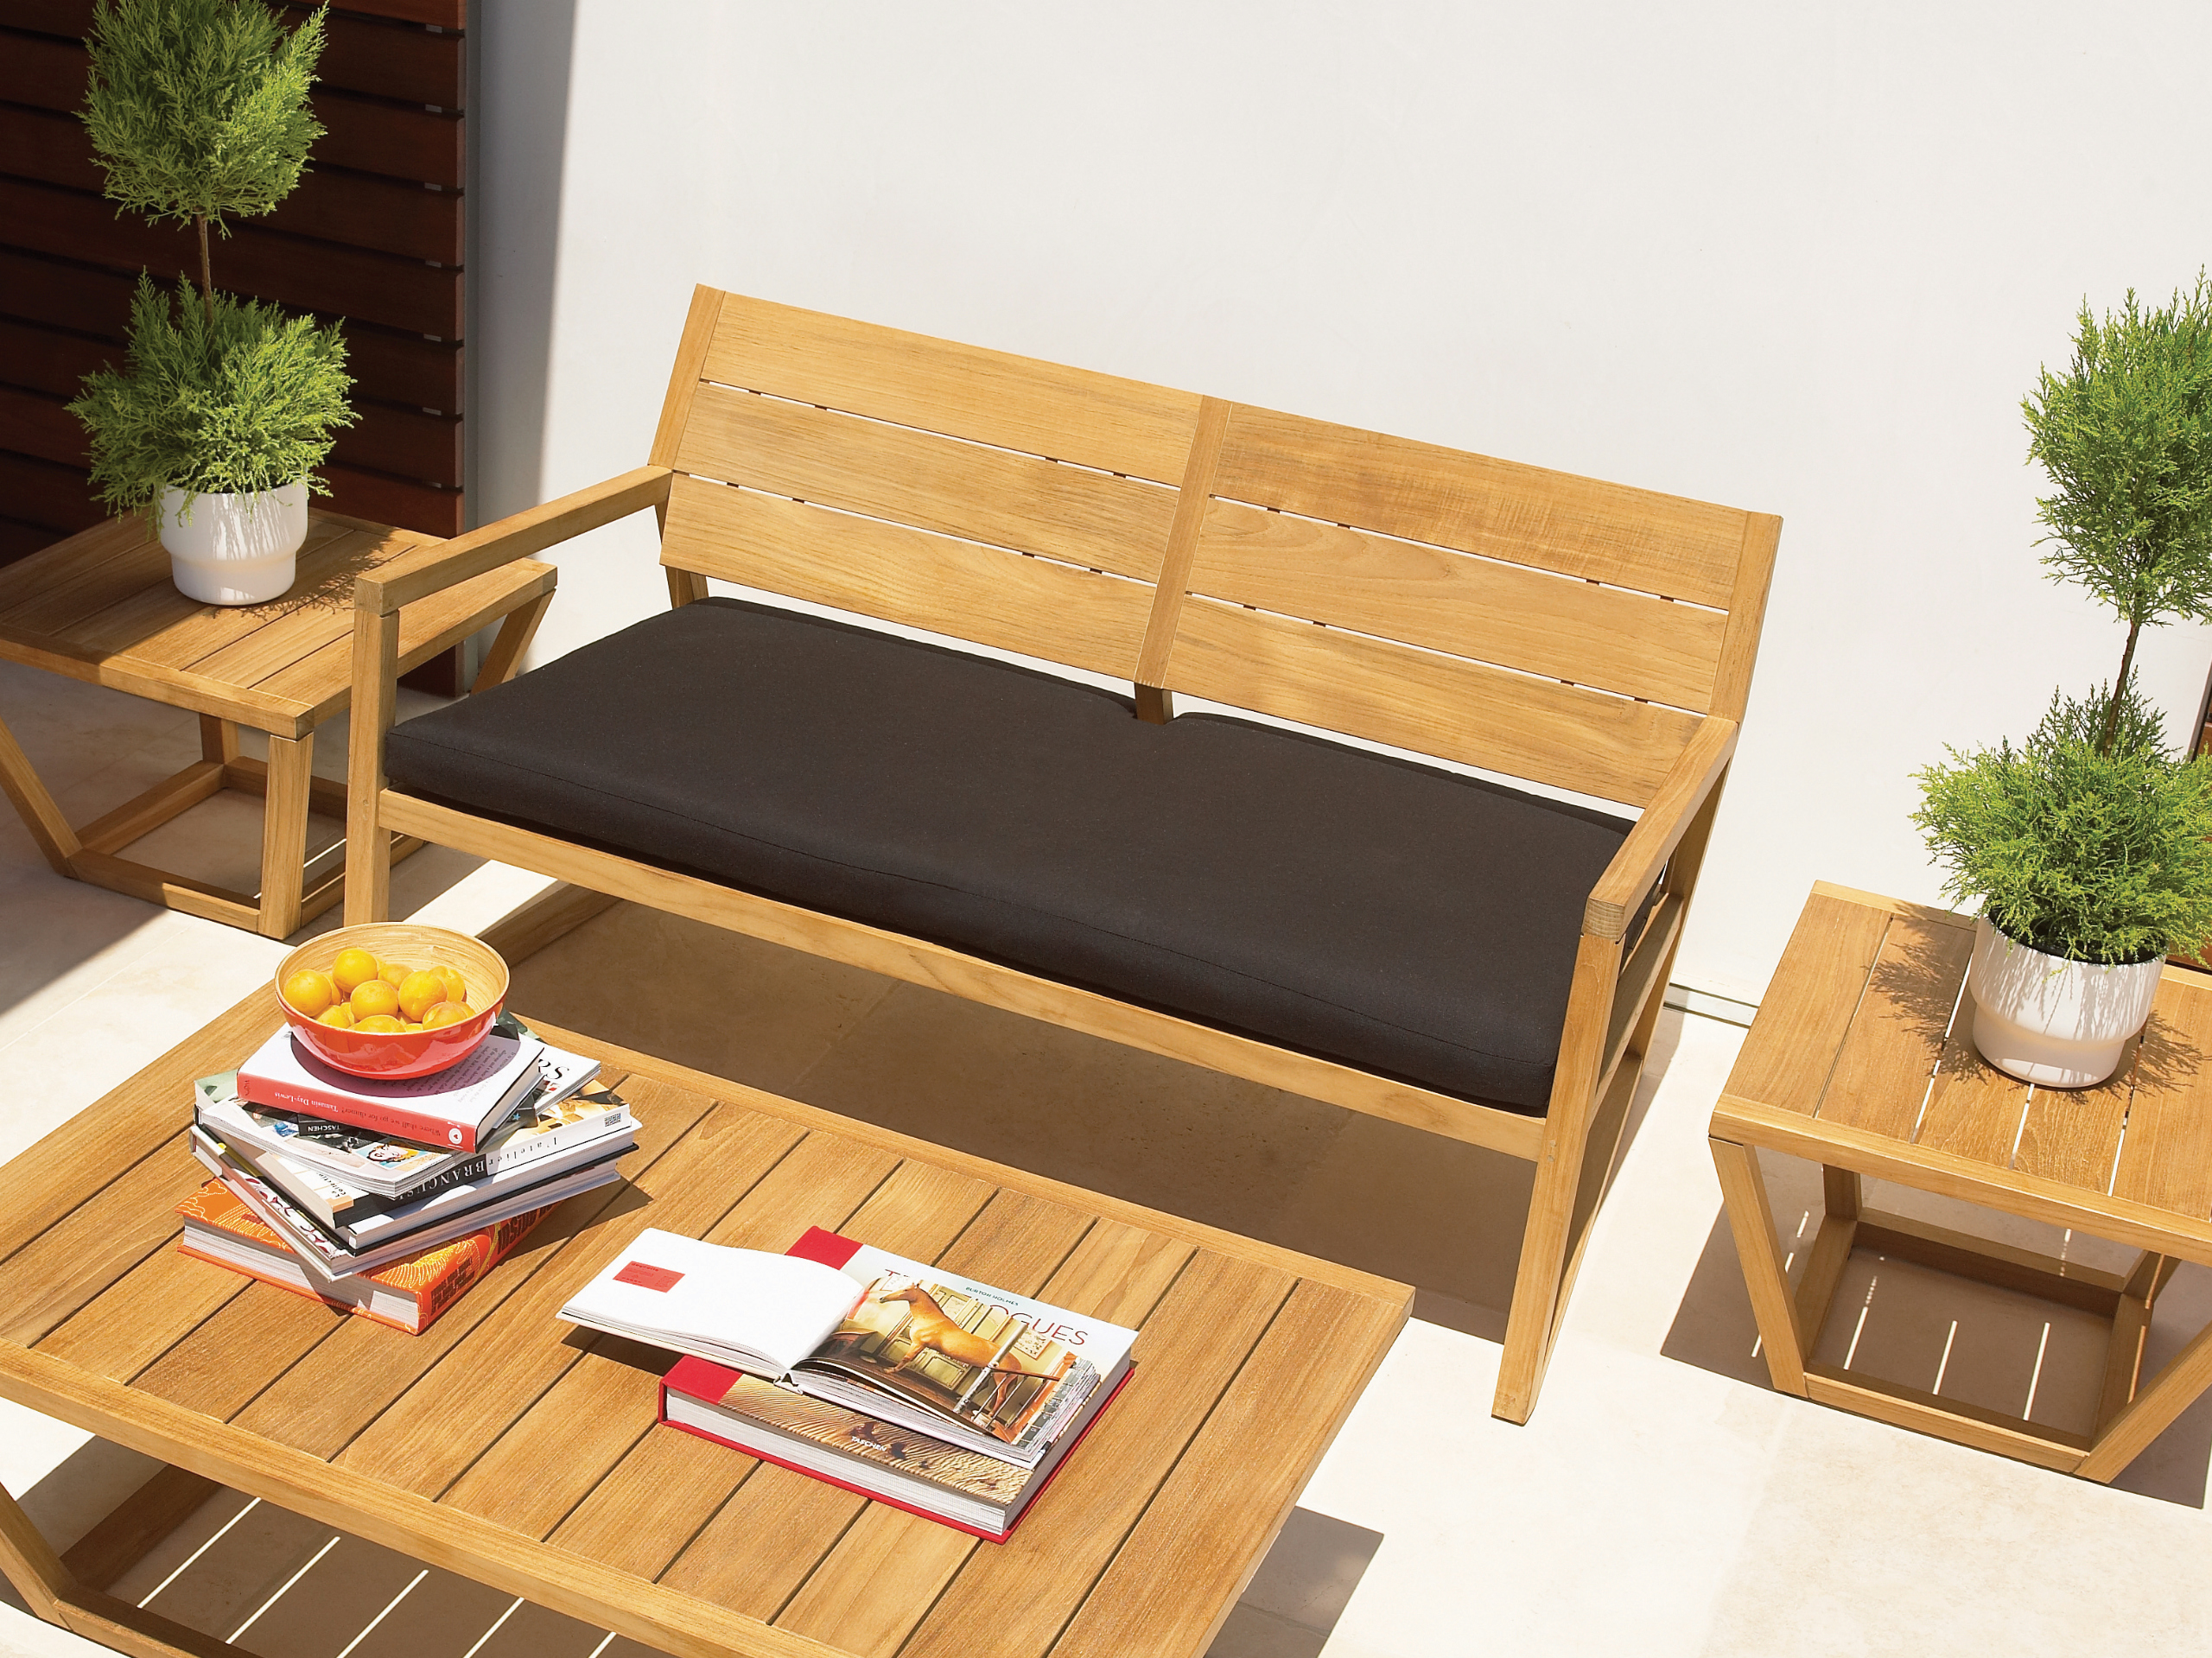 Tratamiento de los muebles de jard n for Muebles para terraza economicos